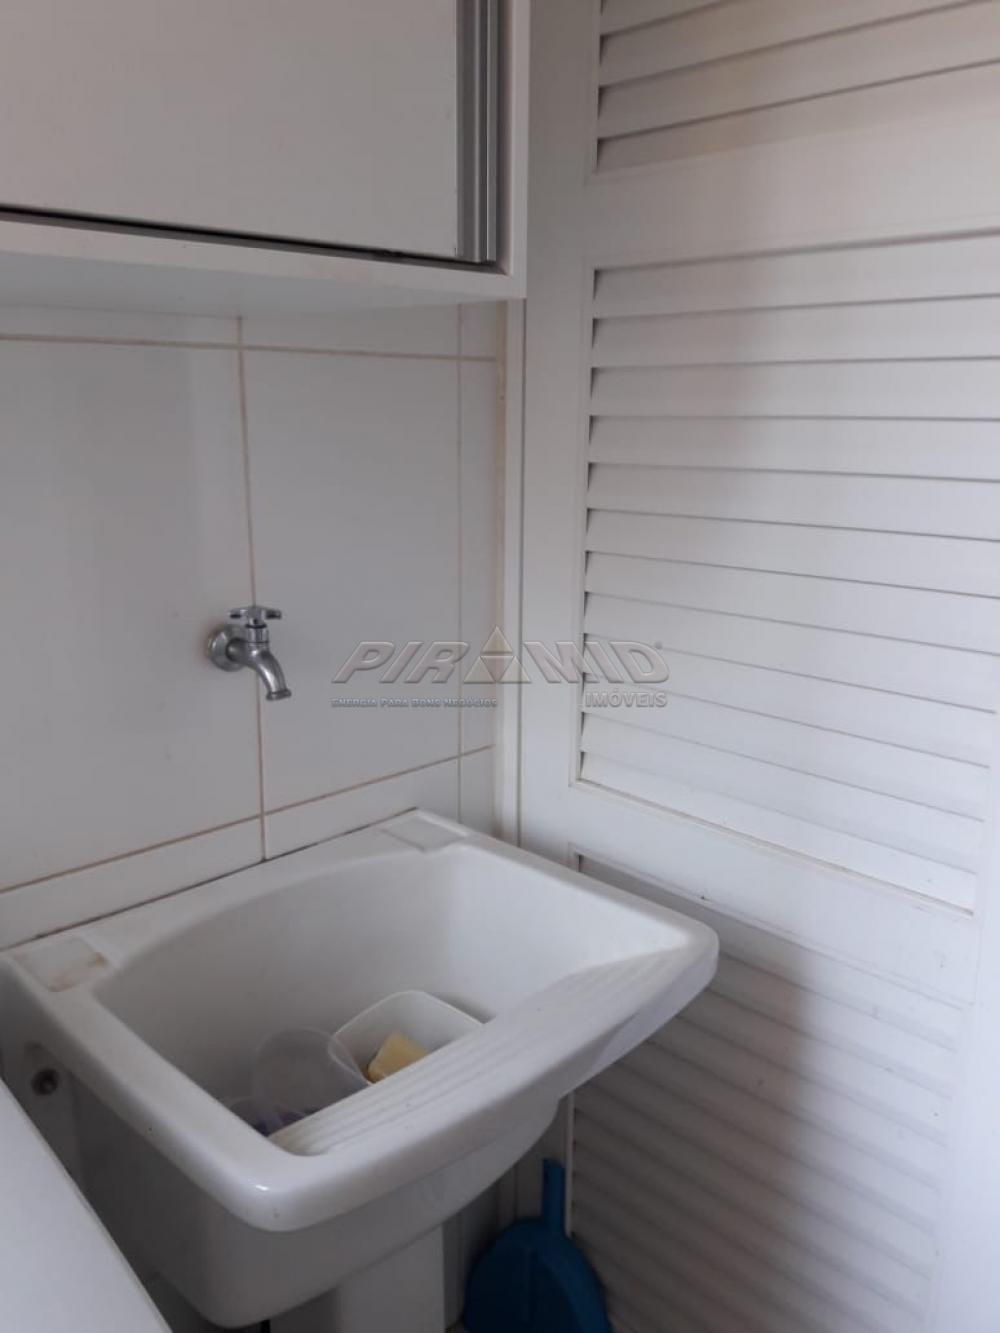 Comprar Apartamento / Padrão em Ribeirão Preto apenas R$ 360.000,00 - Foto 18